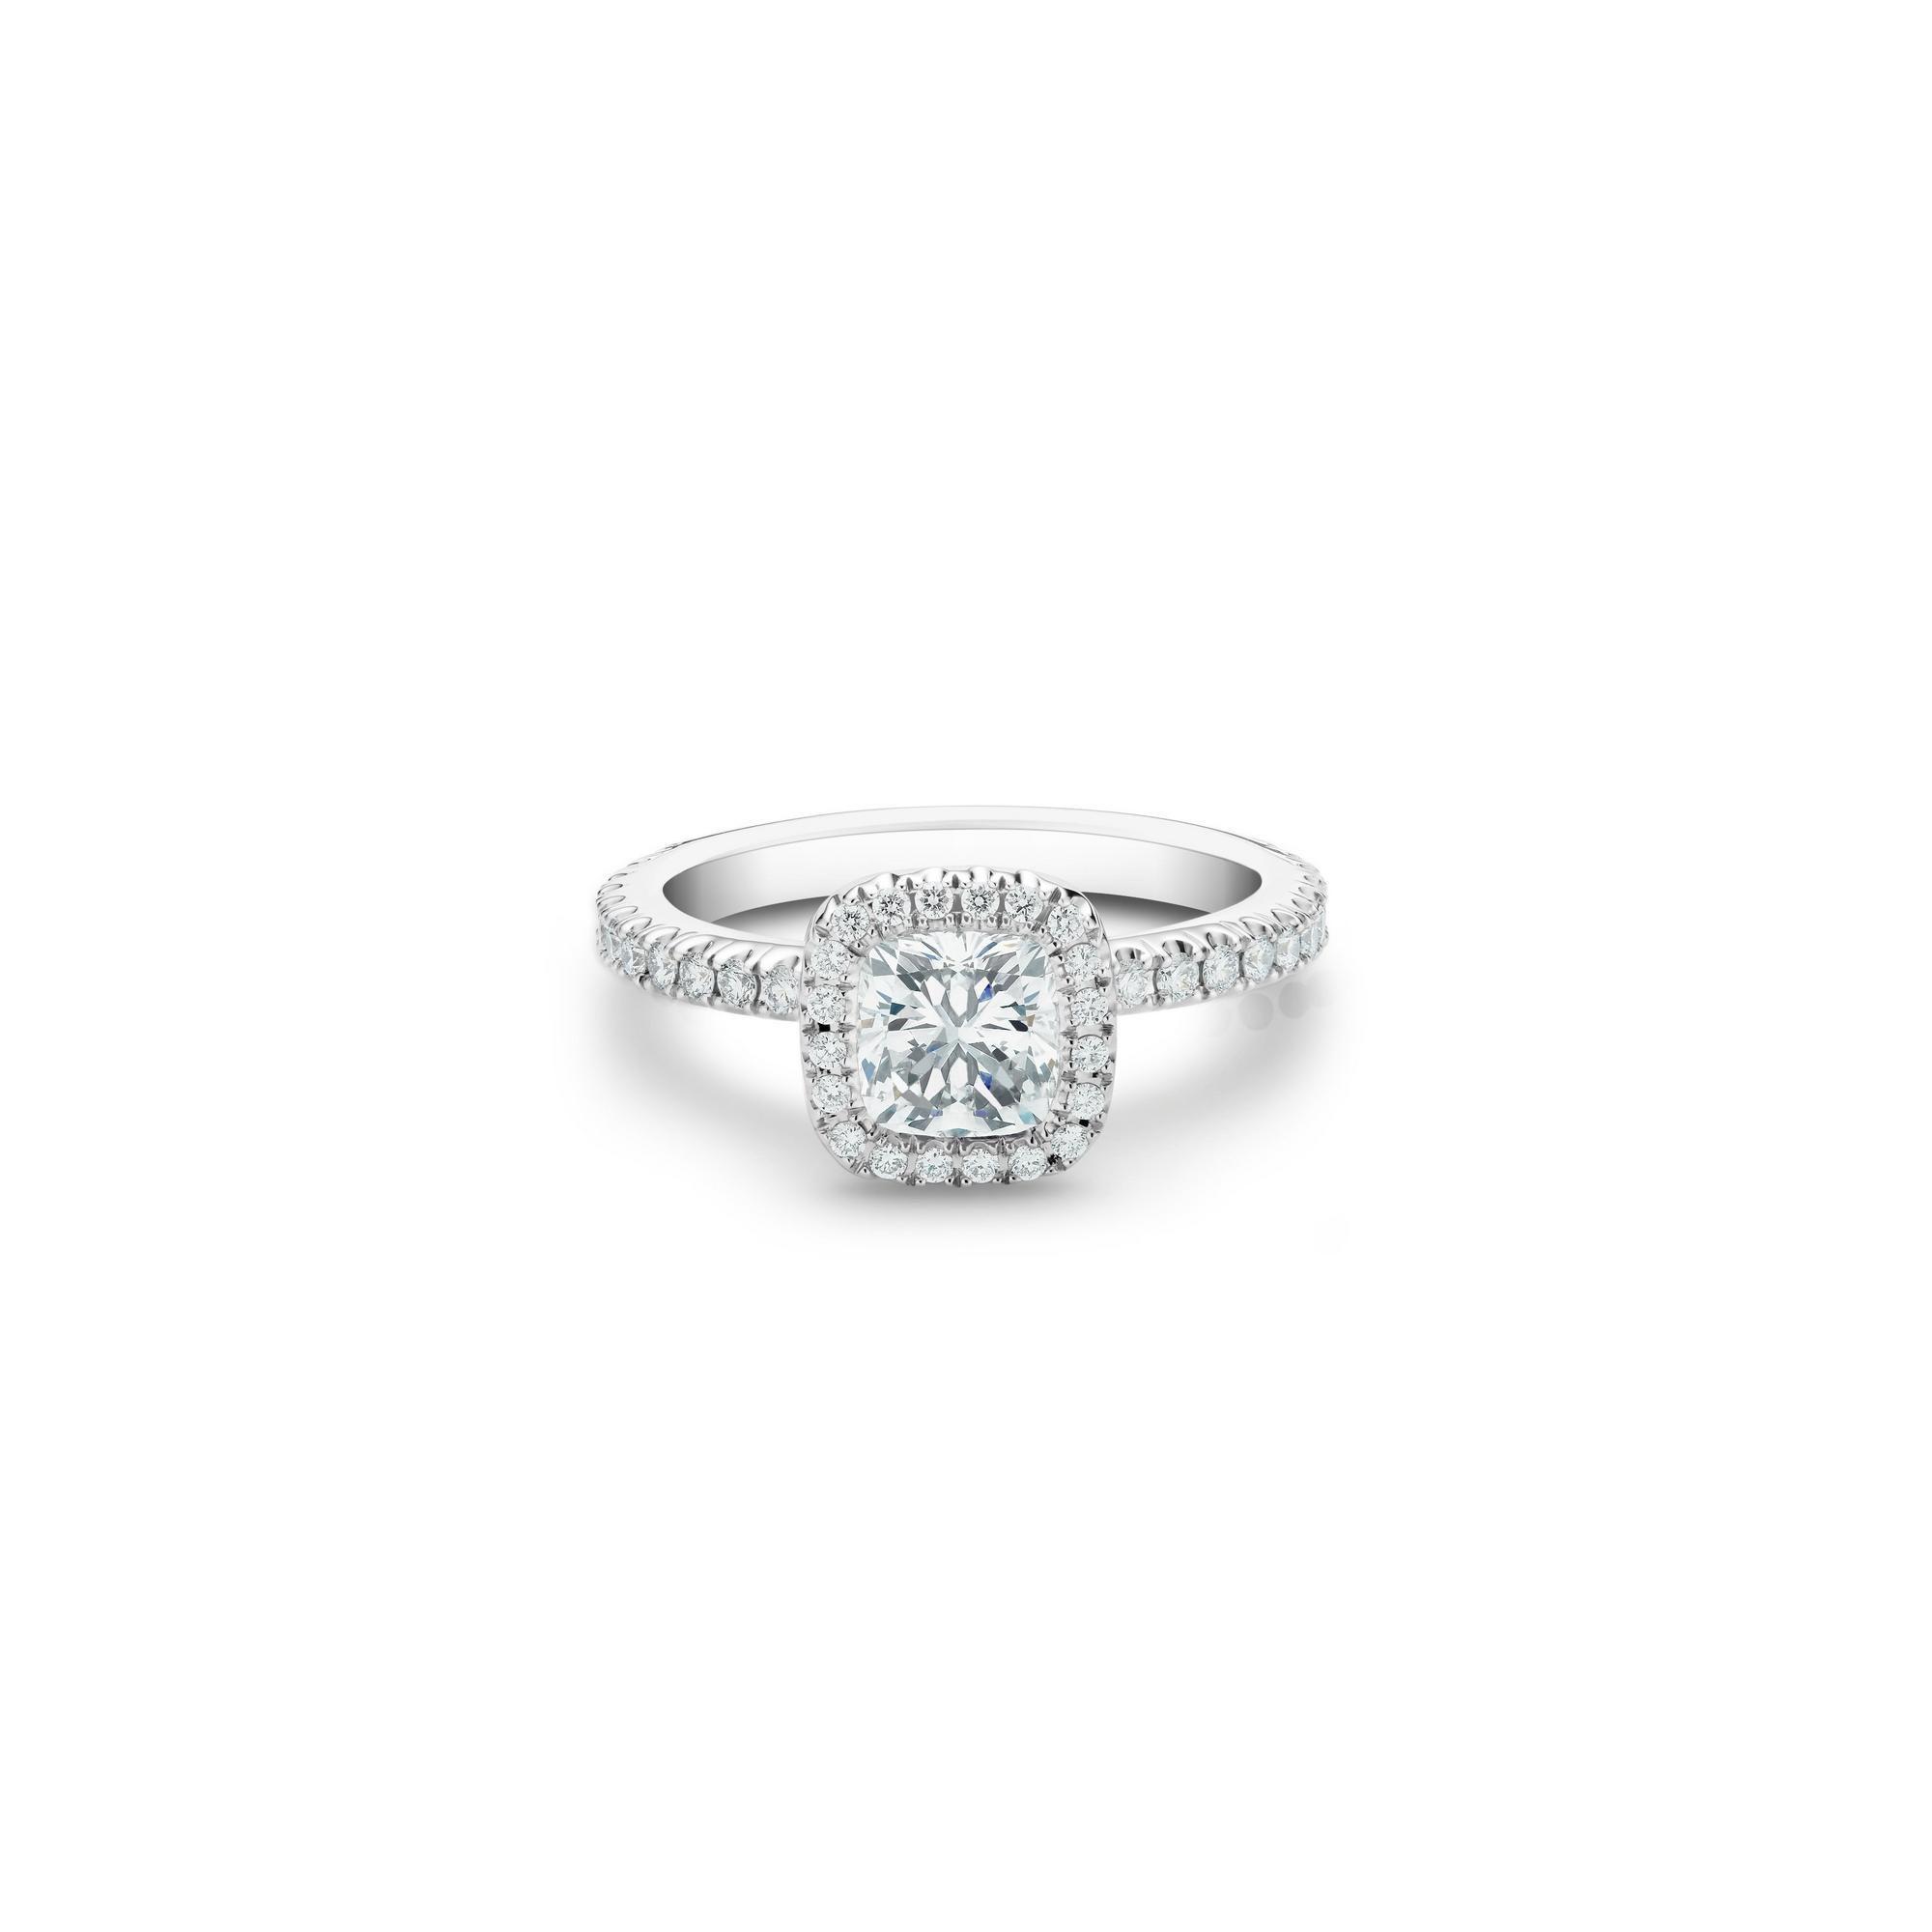 Aura cushion-cut diamond ring